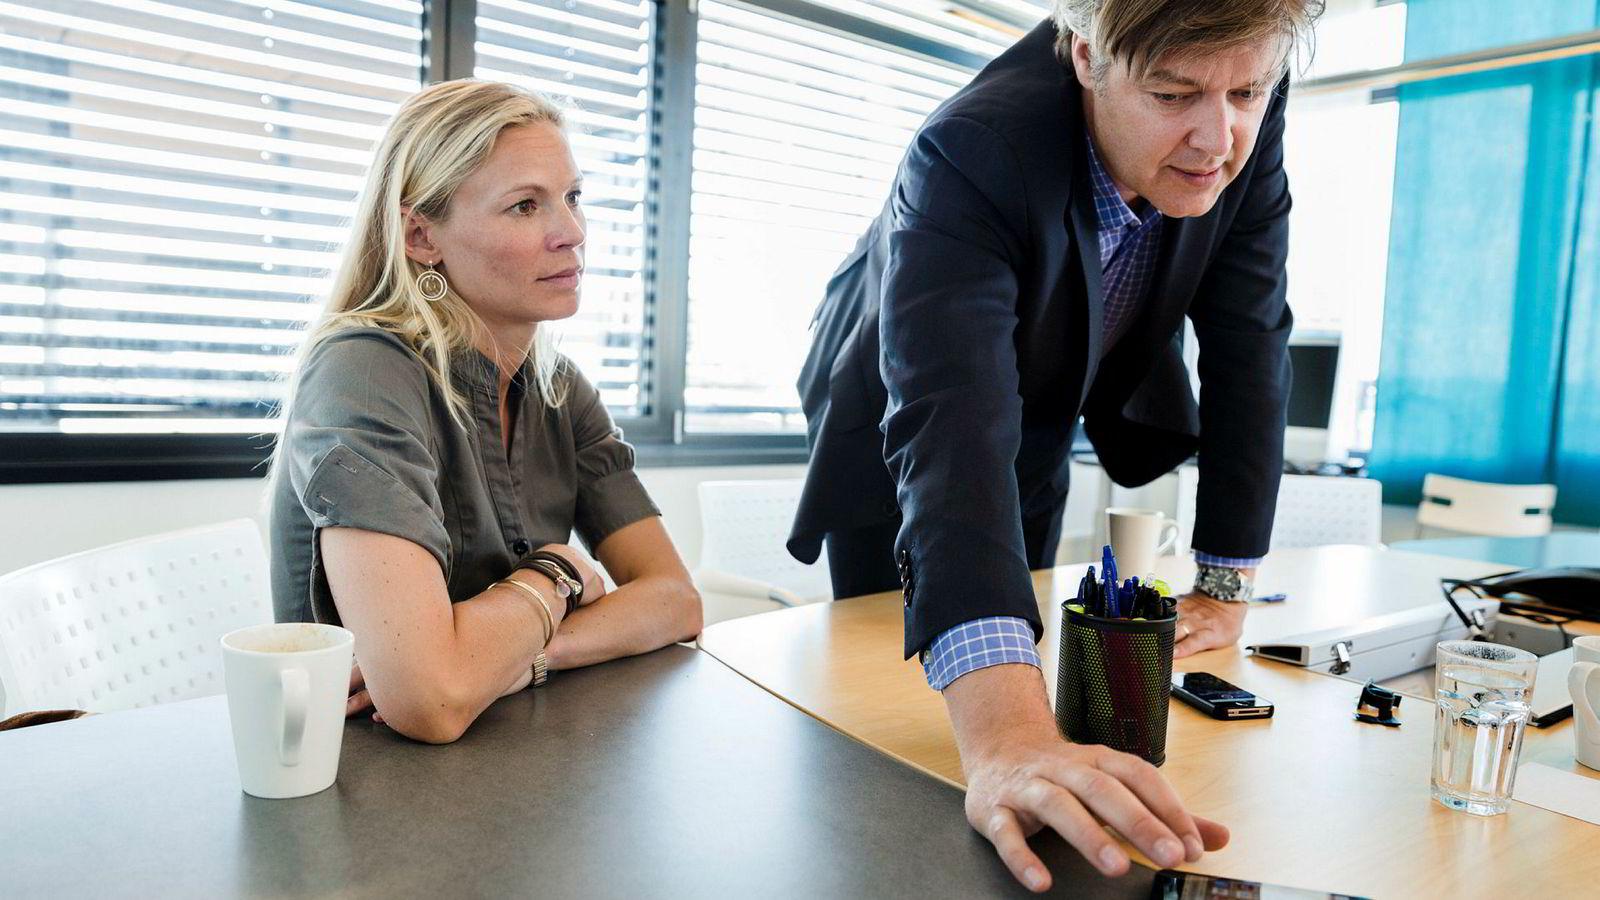 Karin Greve-Isdahl i Storebrand startet med å lese Agatha Christie. Her er hun sammen med Lars Boilesen.